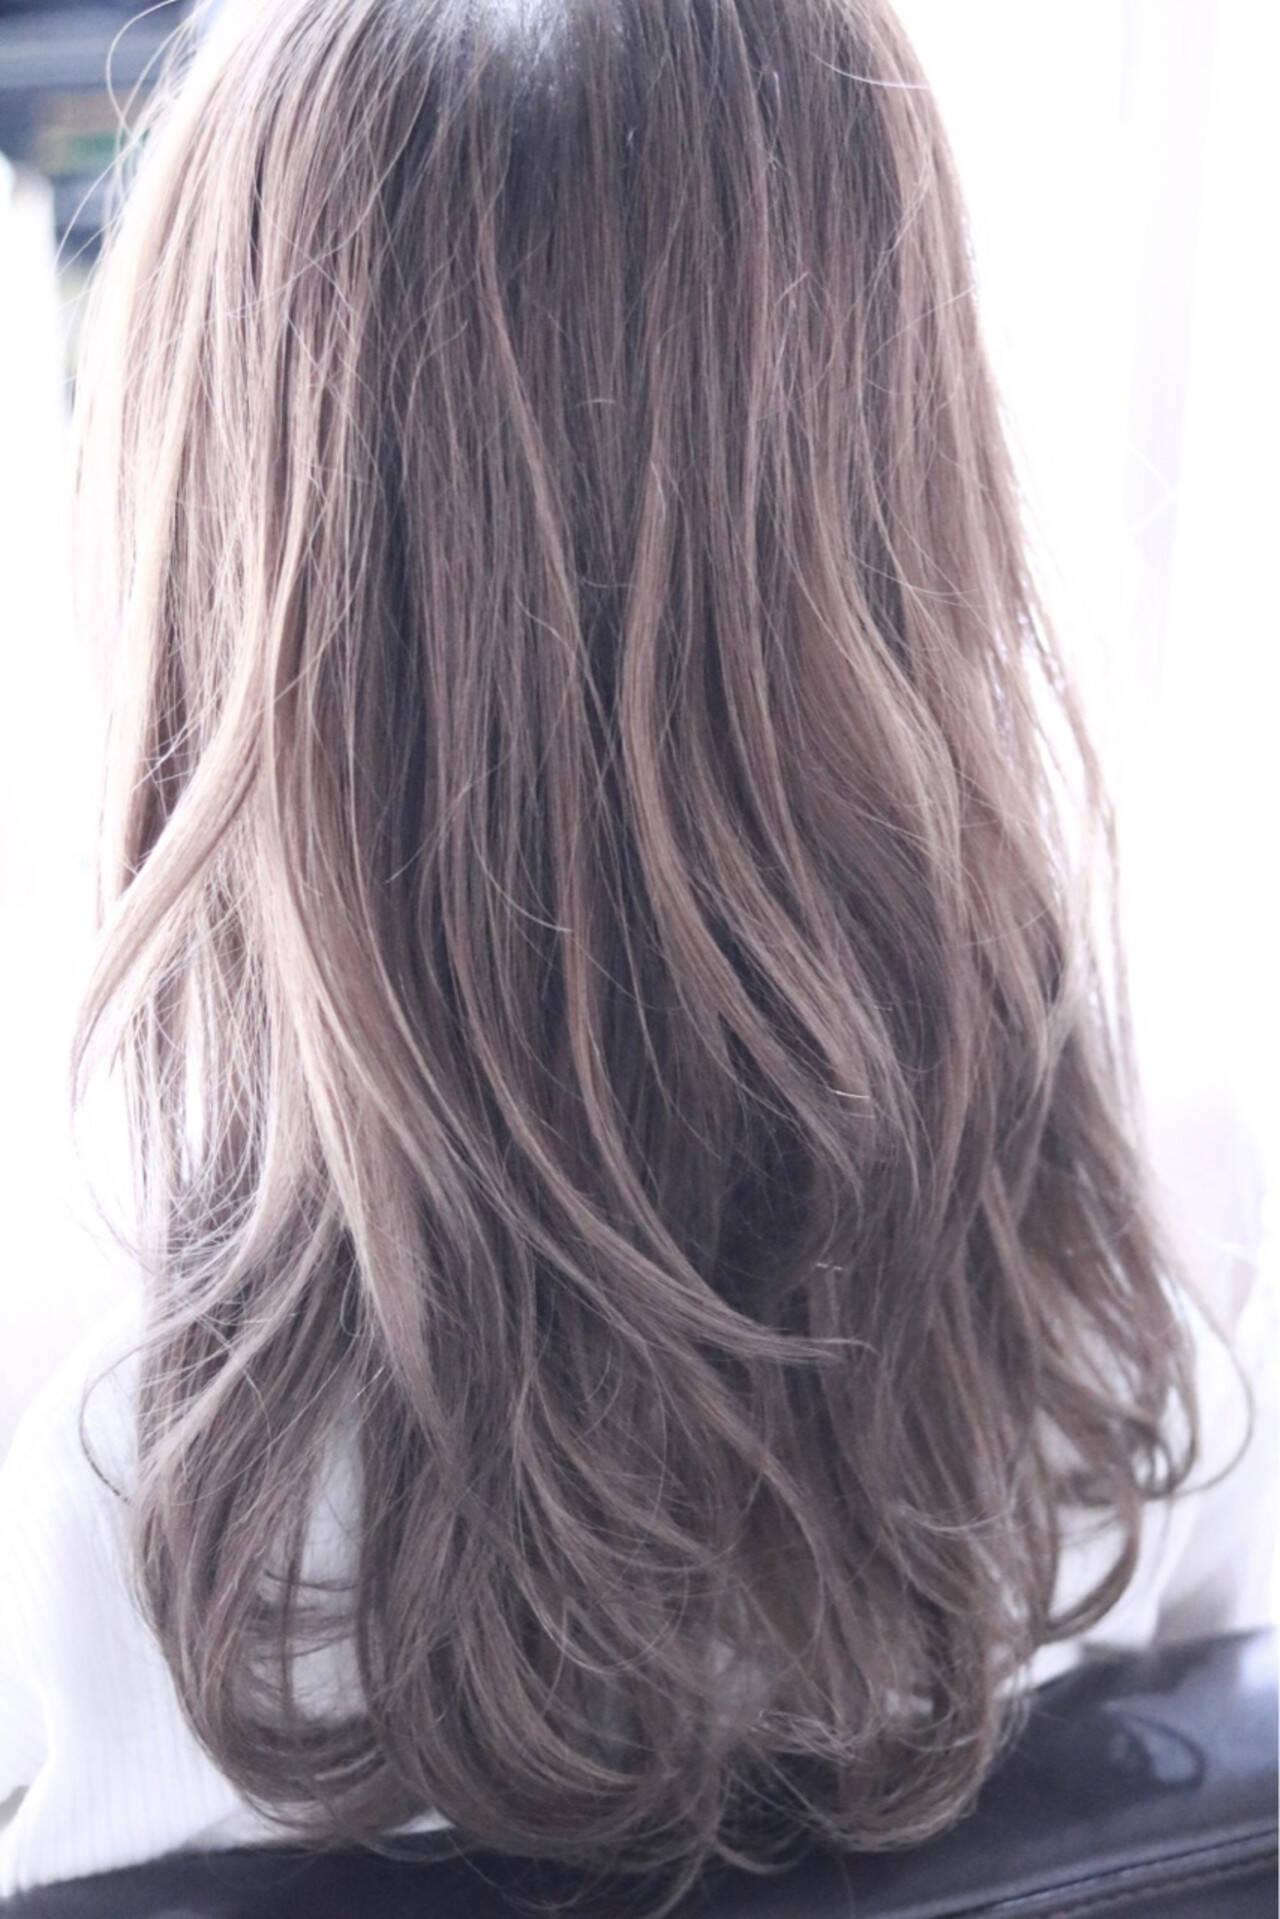 ロング ゆるふわ ラベンダーピンク ラベンダーヘアスタイルや髪型の写真・画像